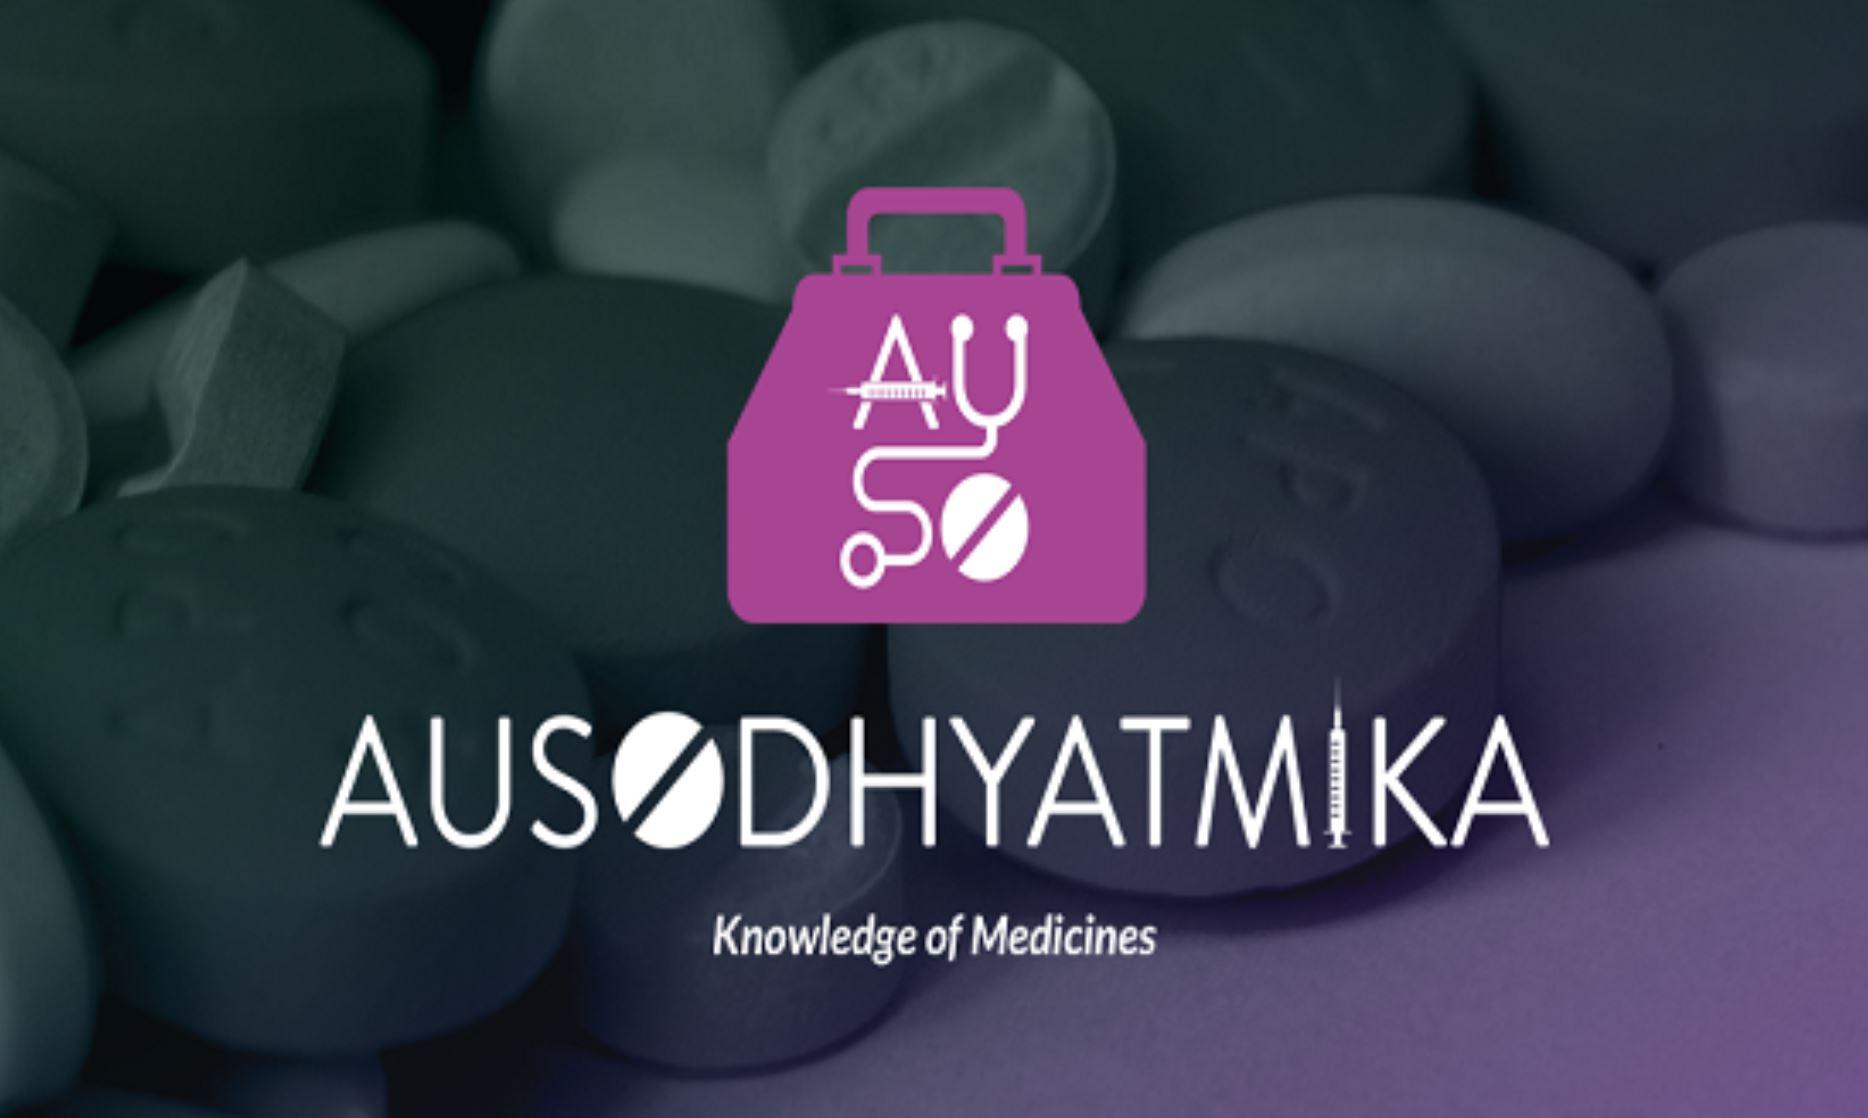 Ausodhyatmika-1